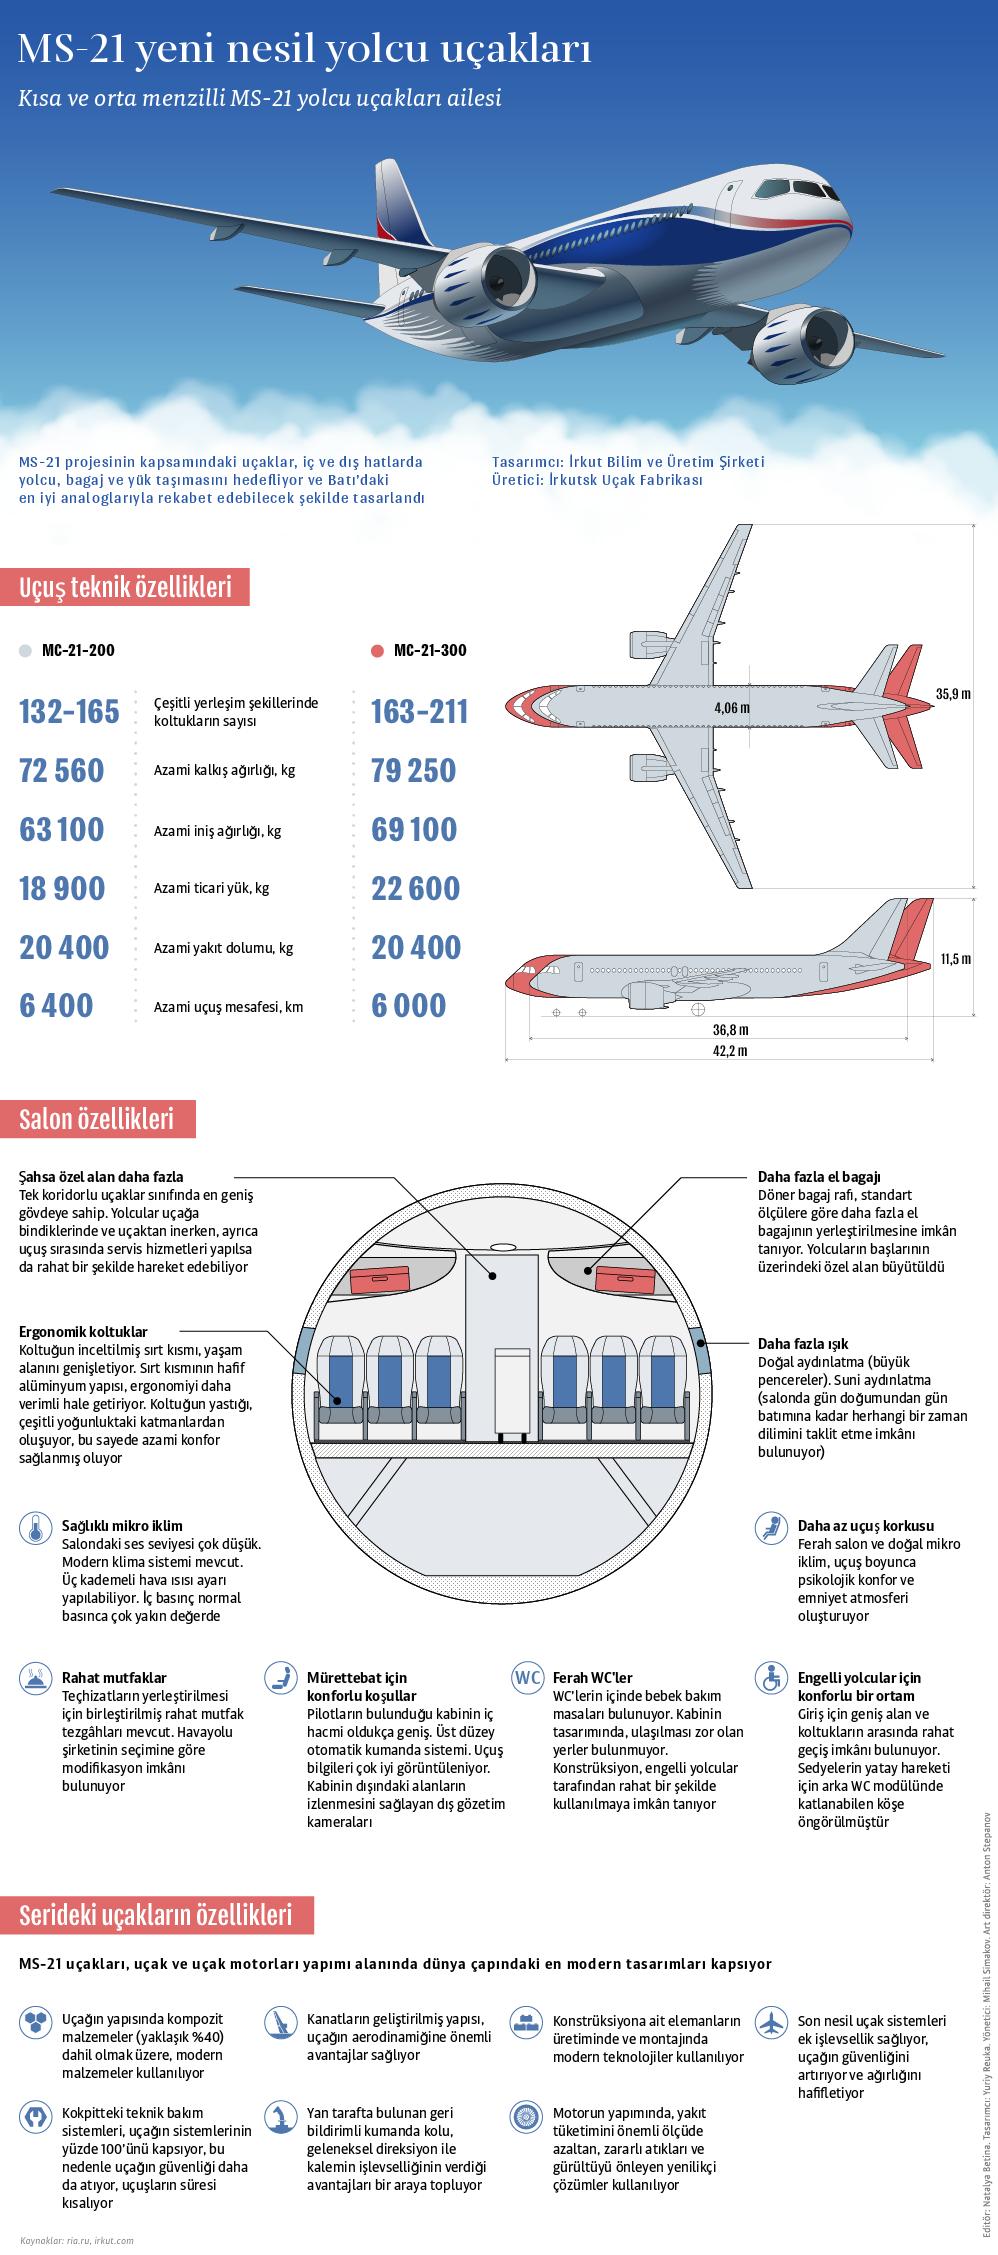 Türkiye'nin ilgi gösterdiği MS-21 tipi Rus yolcu uçağı.